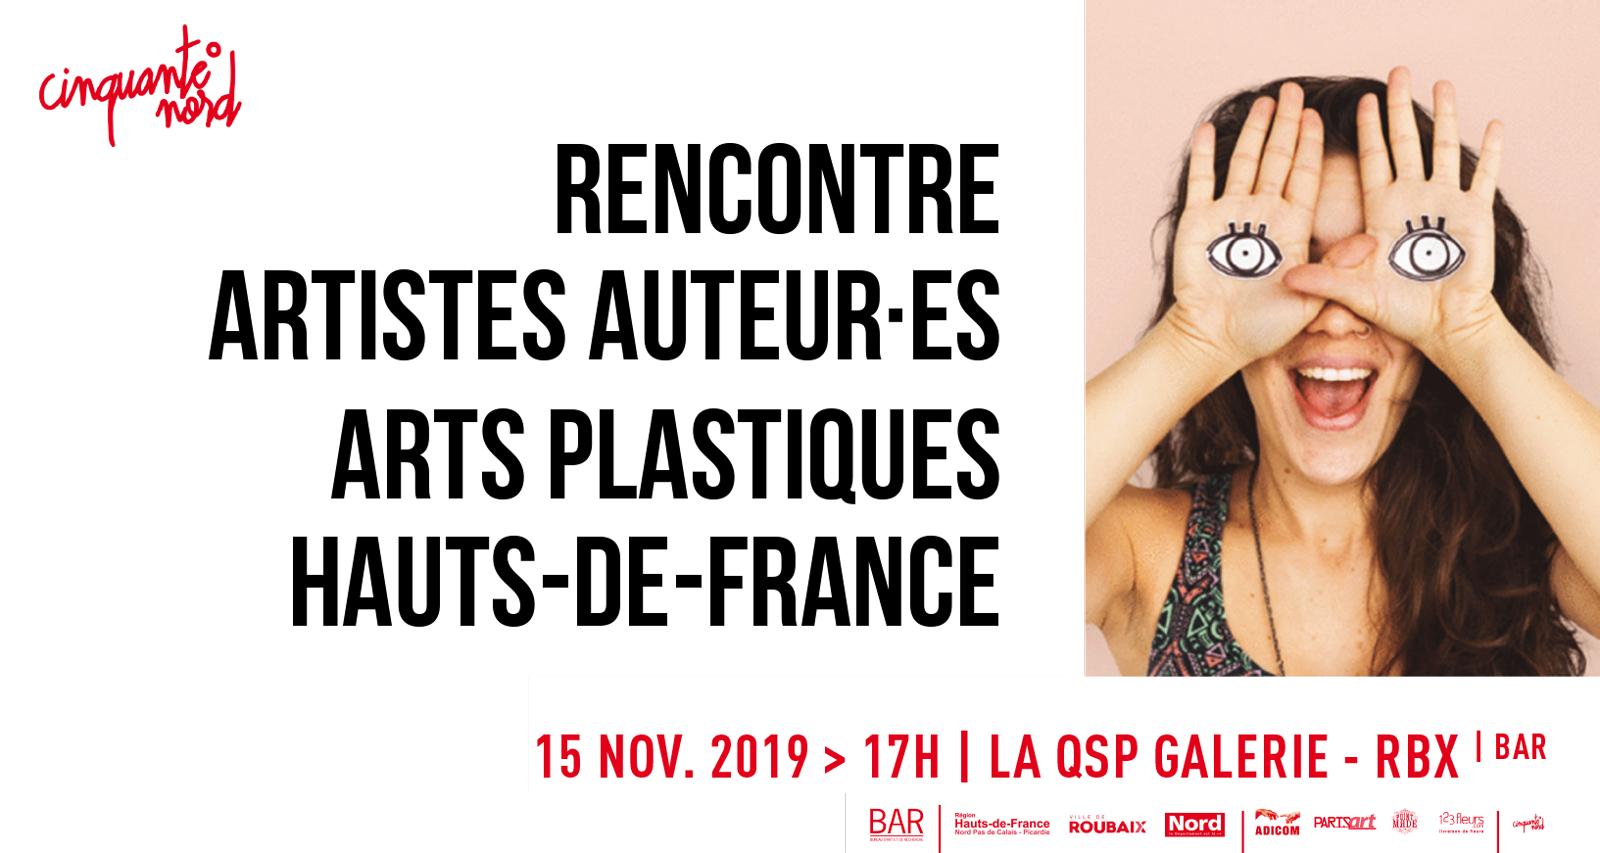 Rencontre artistes auteur-e-s arts plastiques Hauts de France